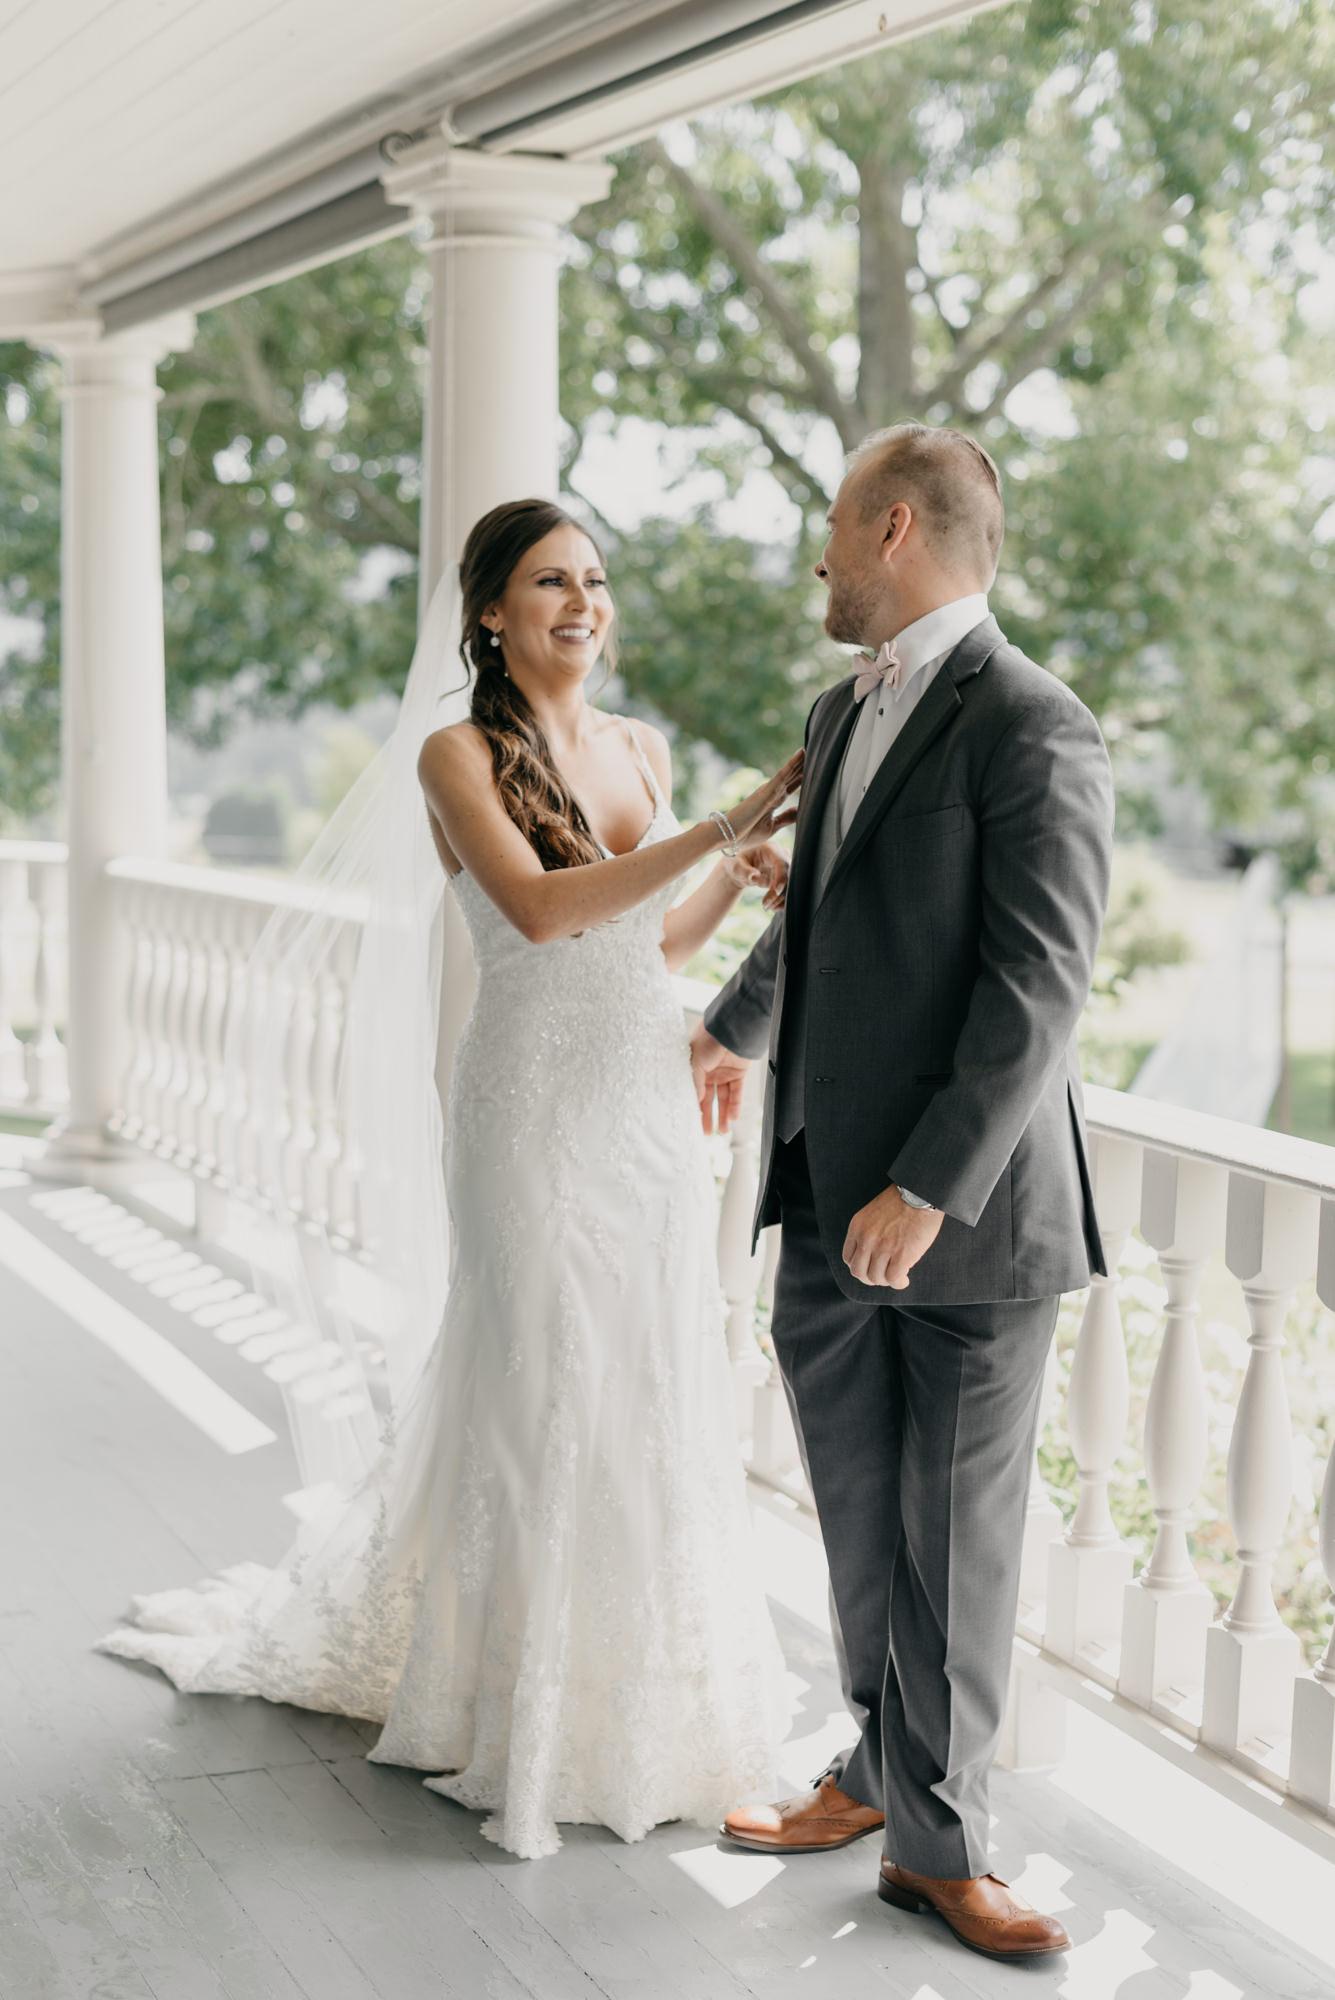 56-first-look-barn-kestrel-wedding-lake-oswego-wedding.jpg